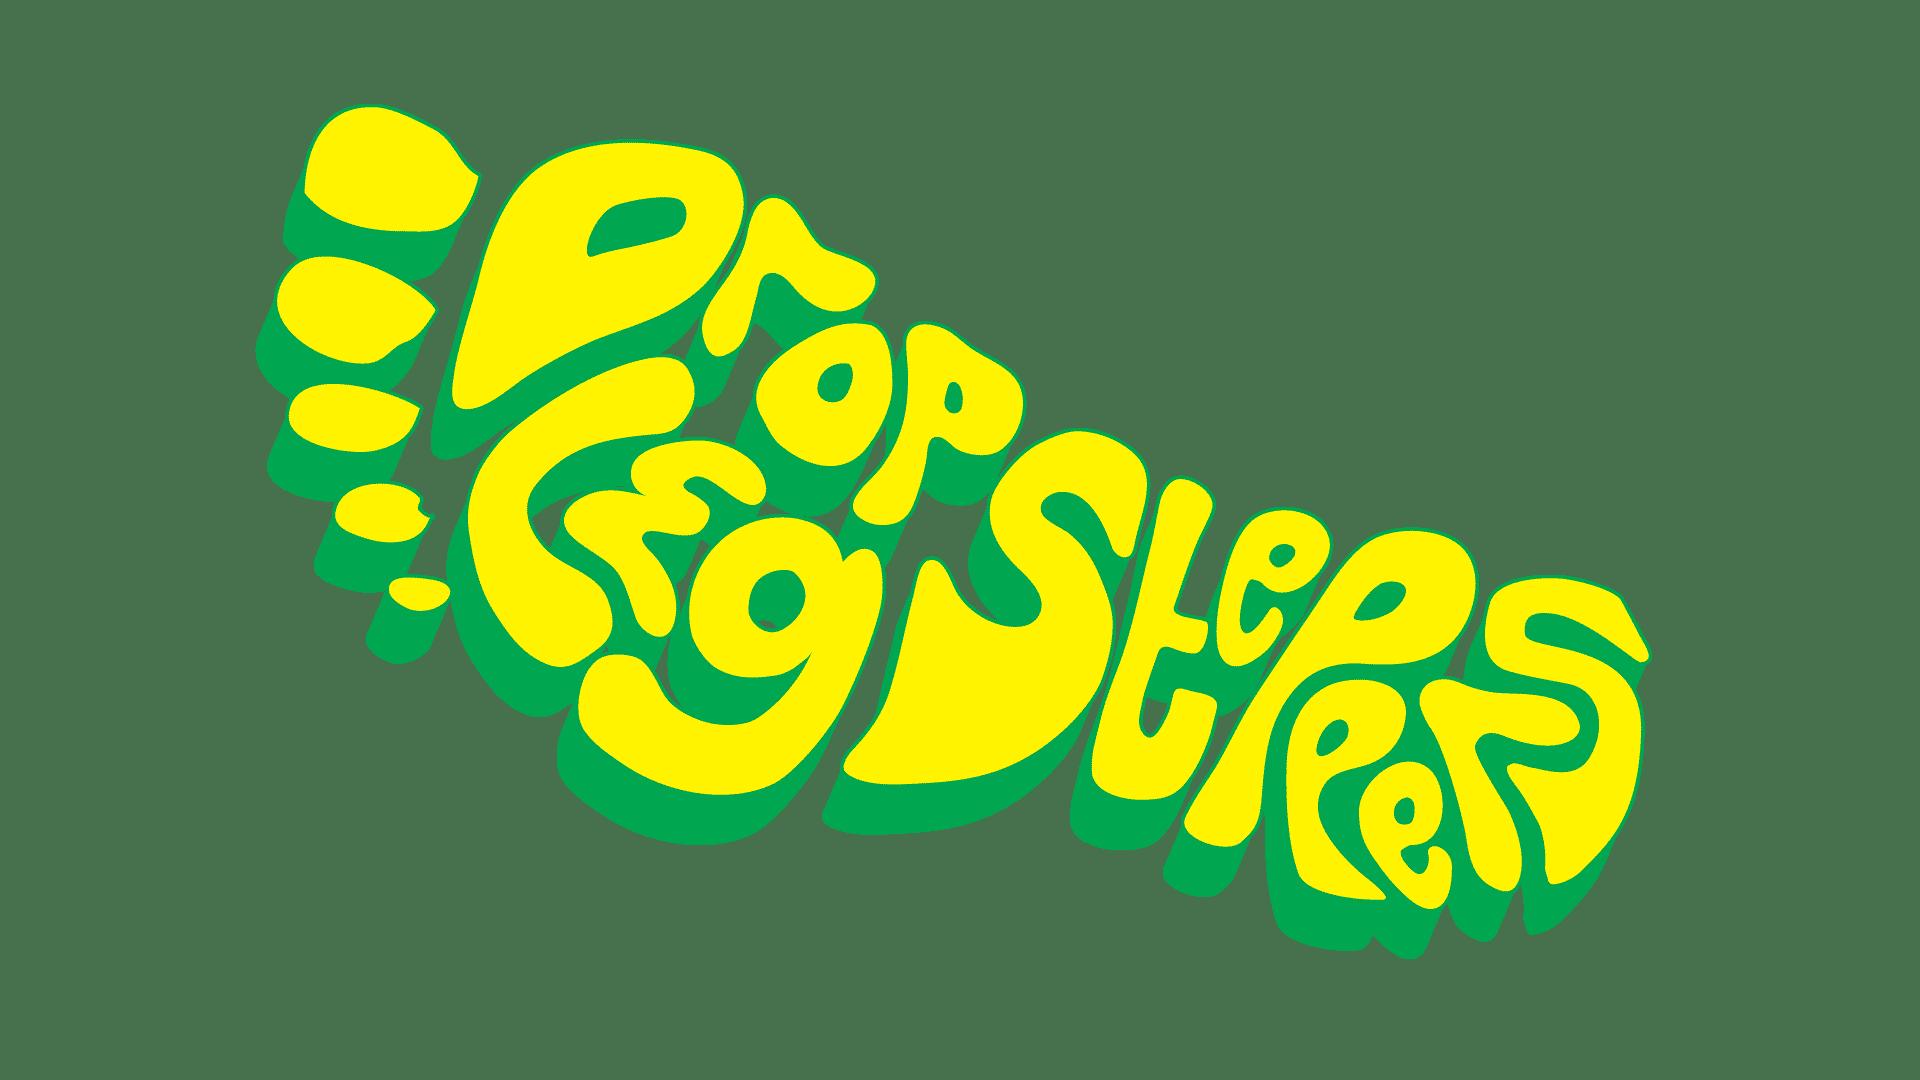 Drop Leg Steppers